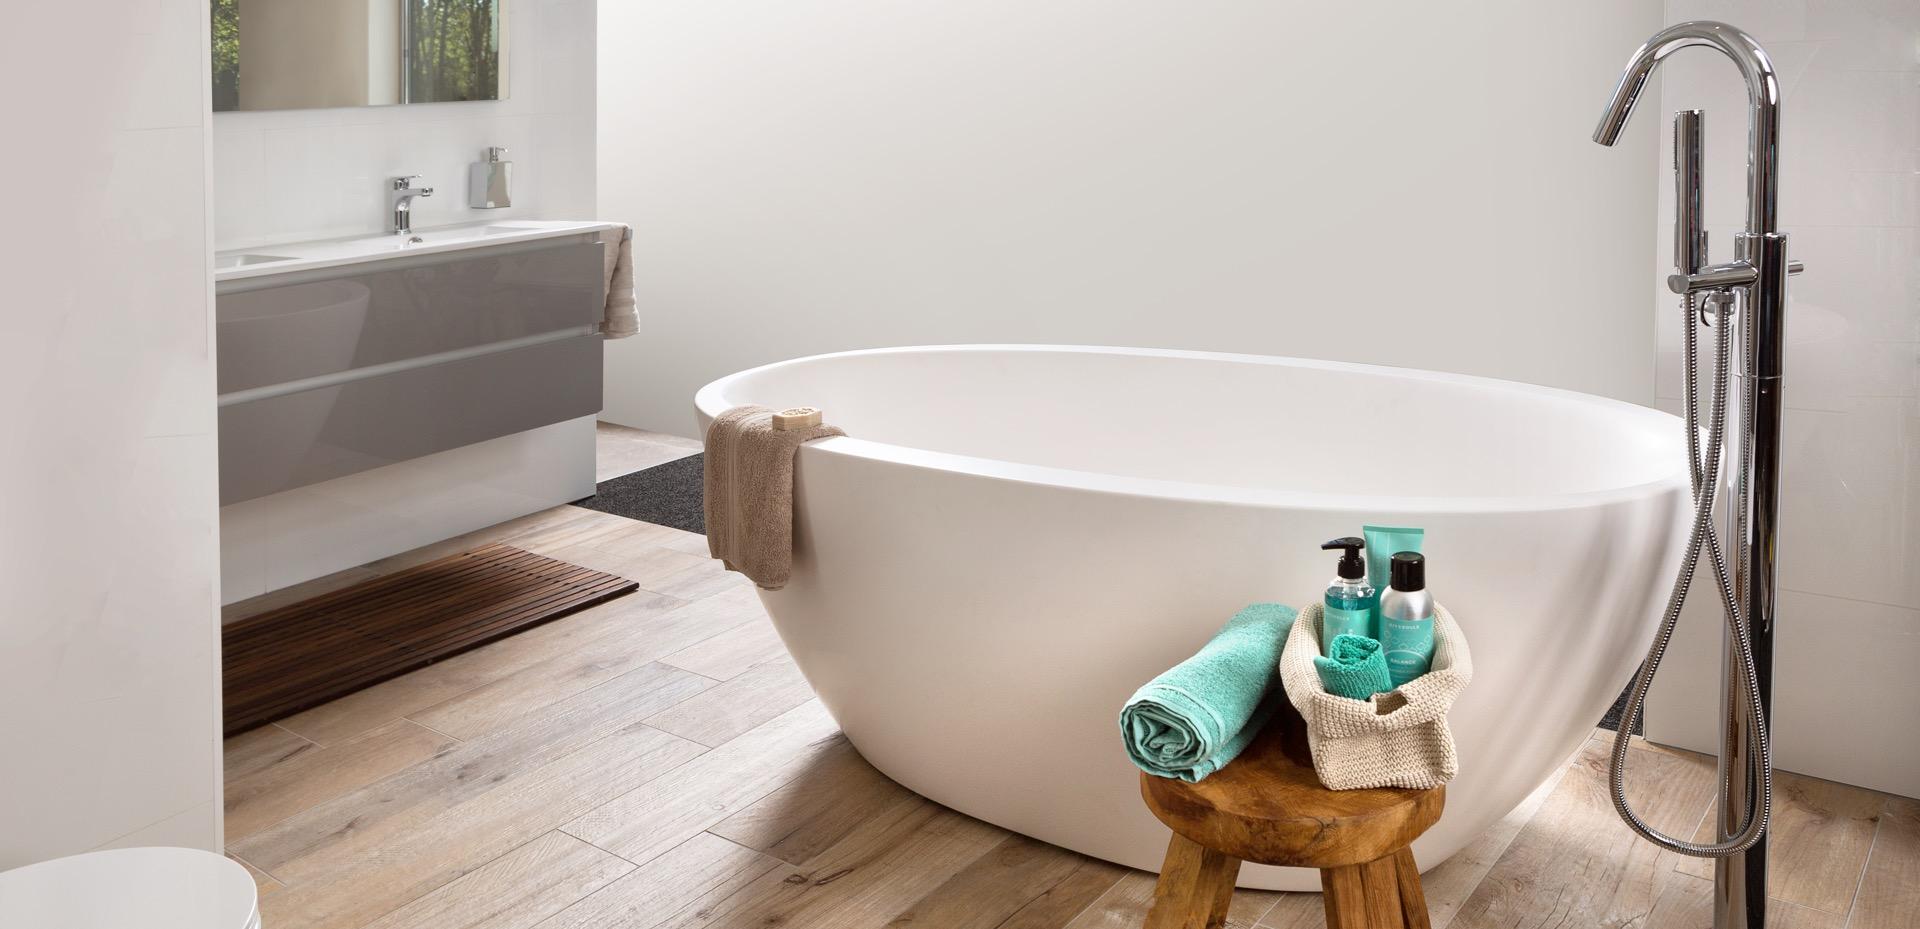 vitale-badkamer-verzachtend-vitaal-mijn-bad-in-stijl-header